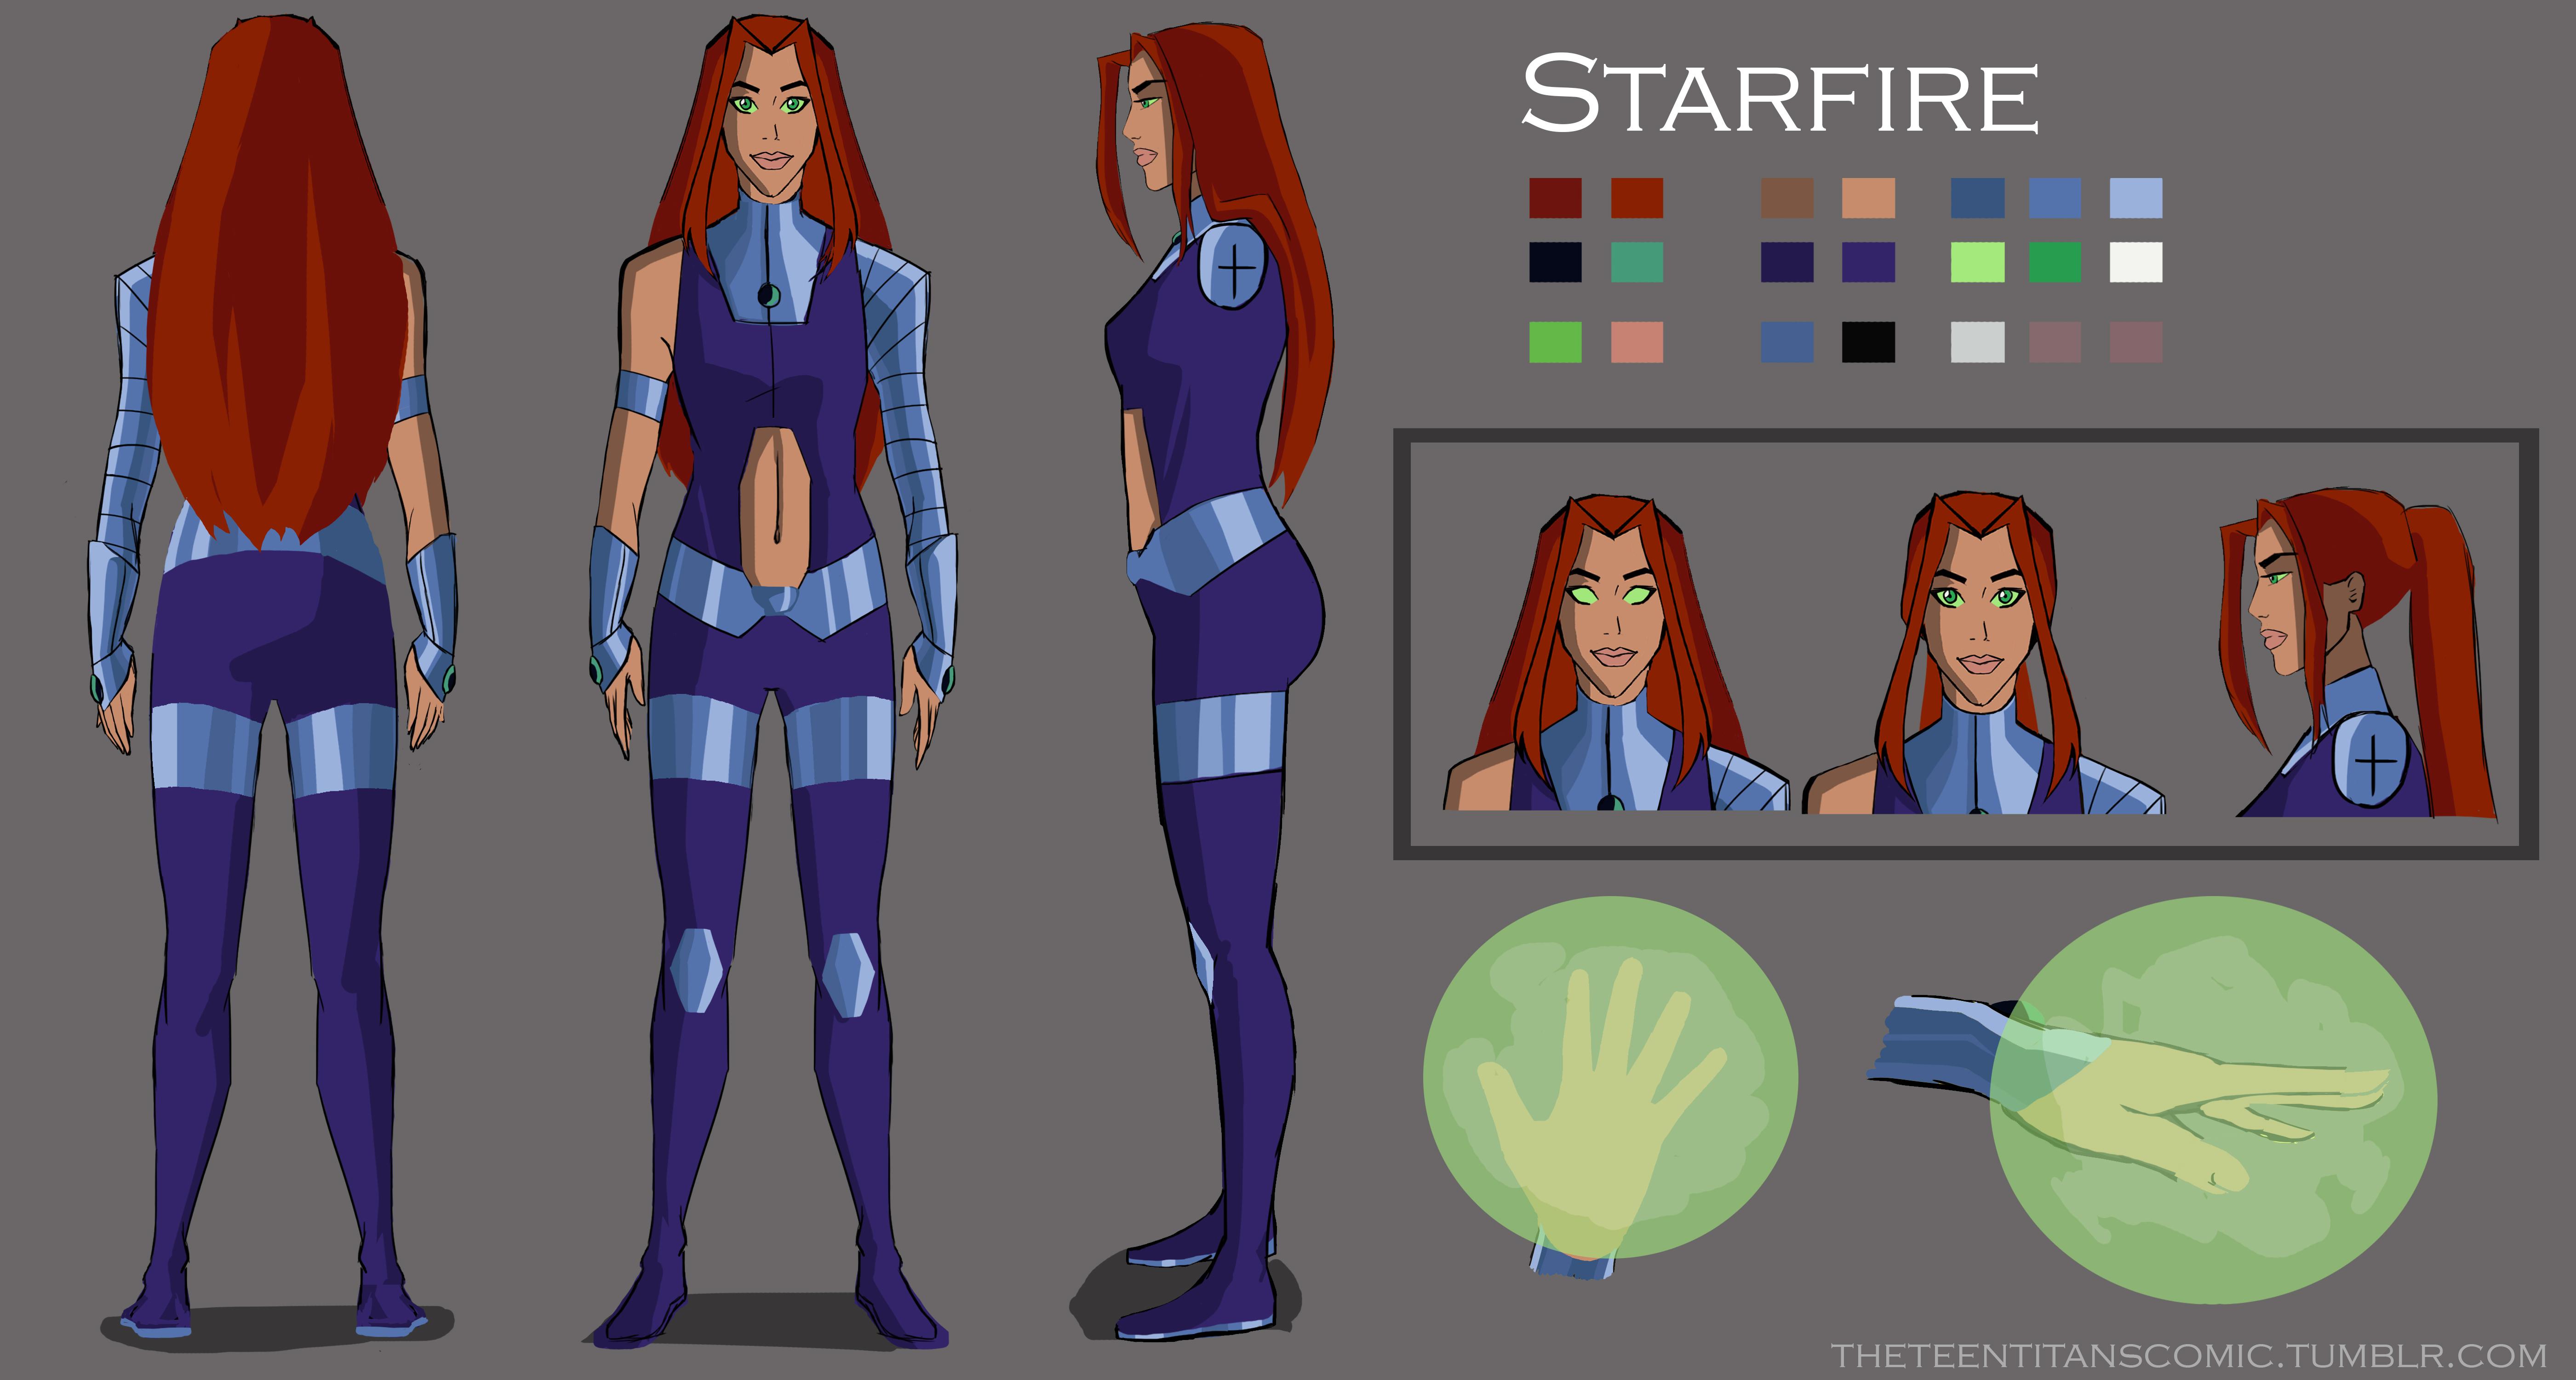 Starfire turnaround